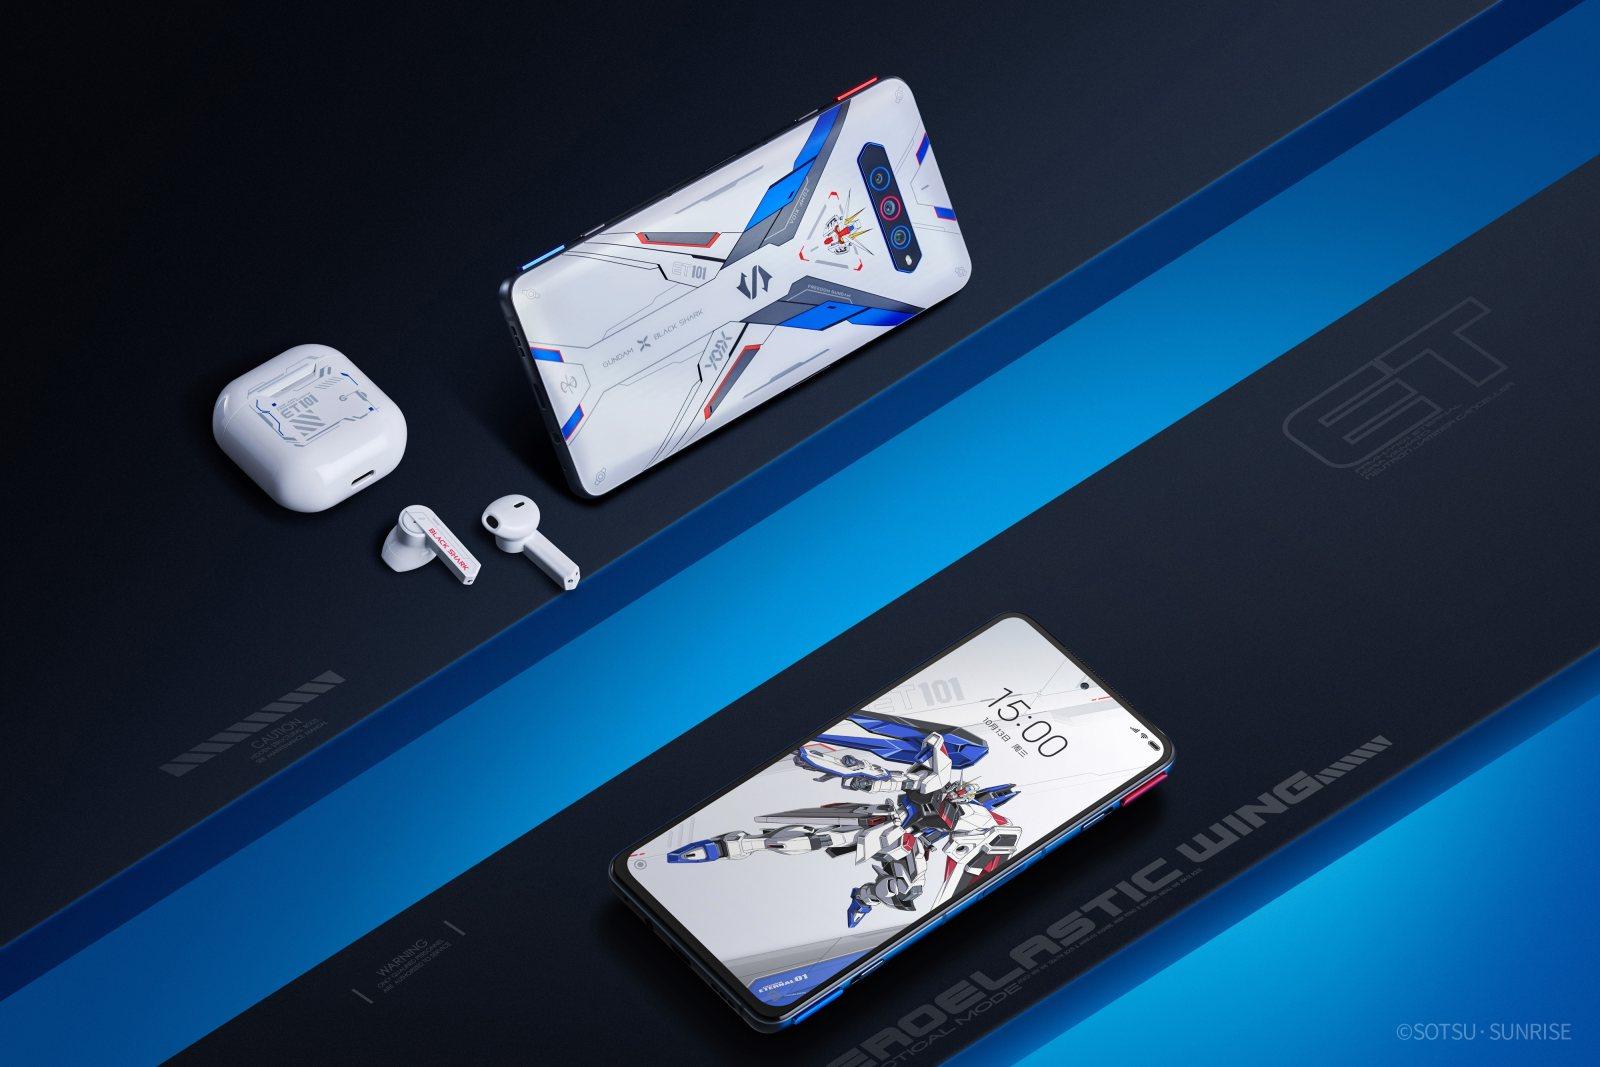 黑鲨4S系列正式发布:全系2699元起并推出自由高达联名套装